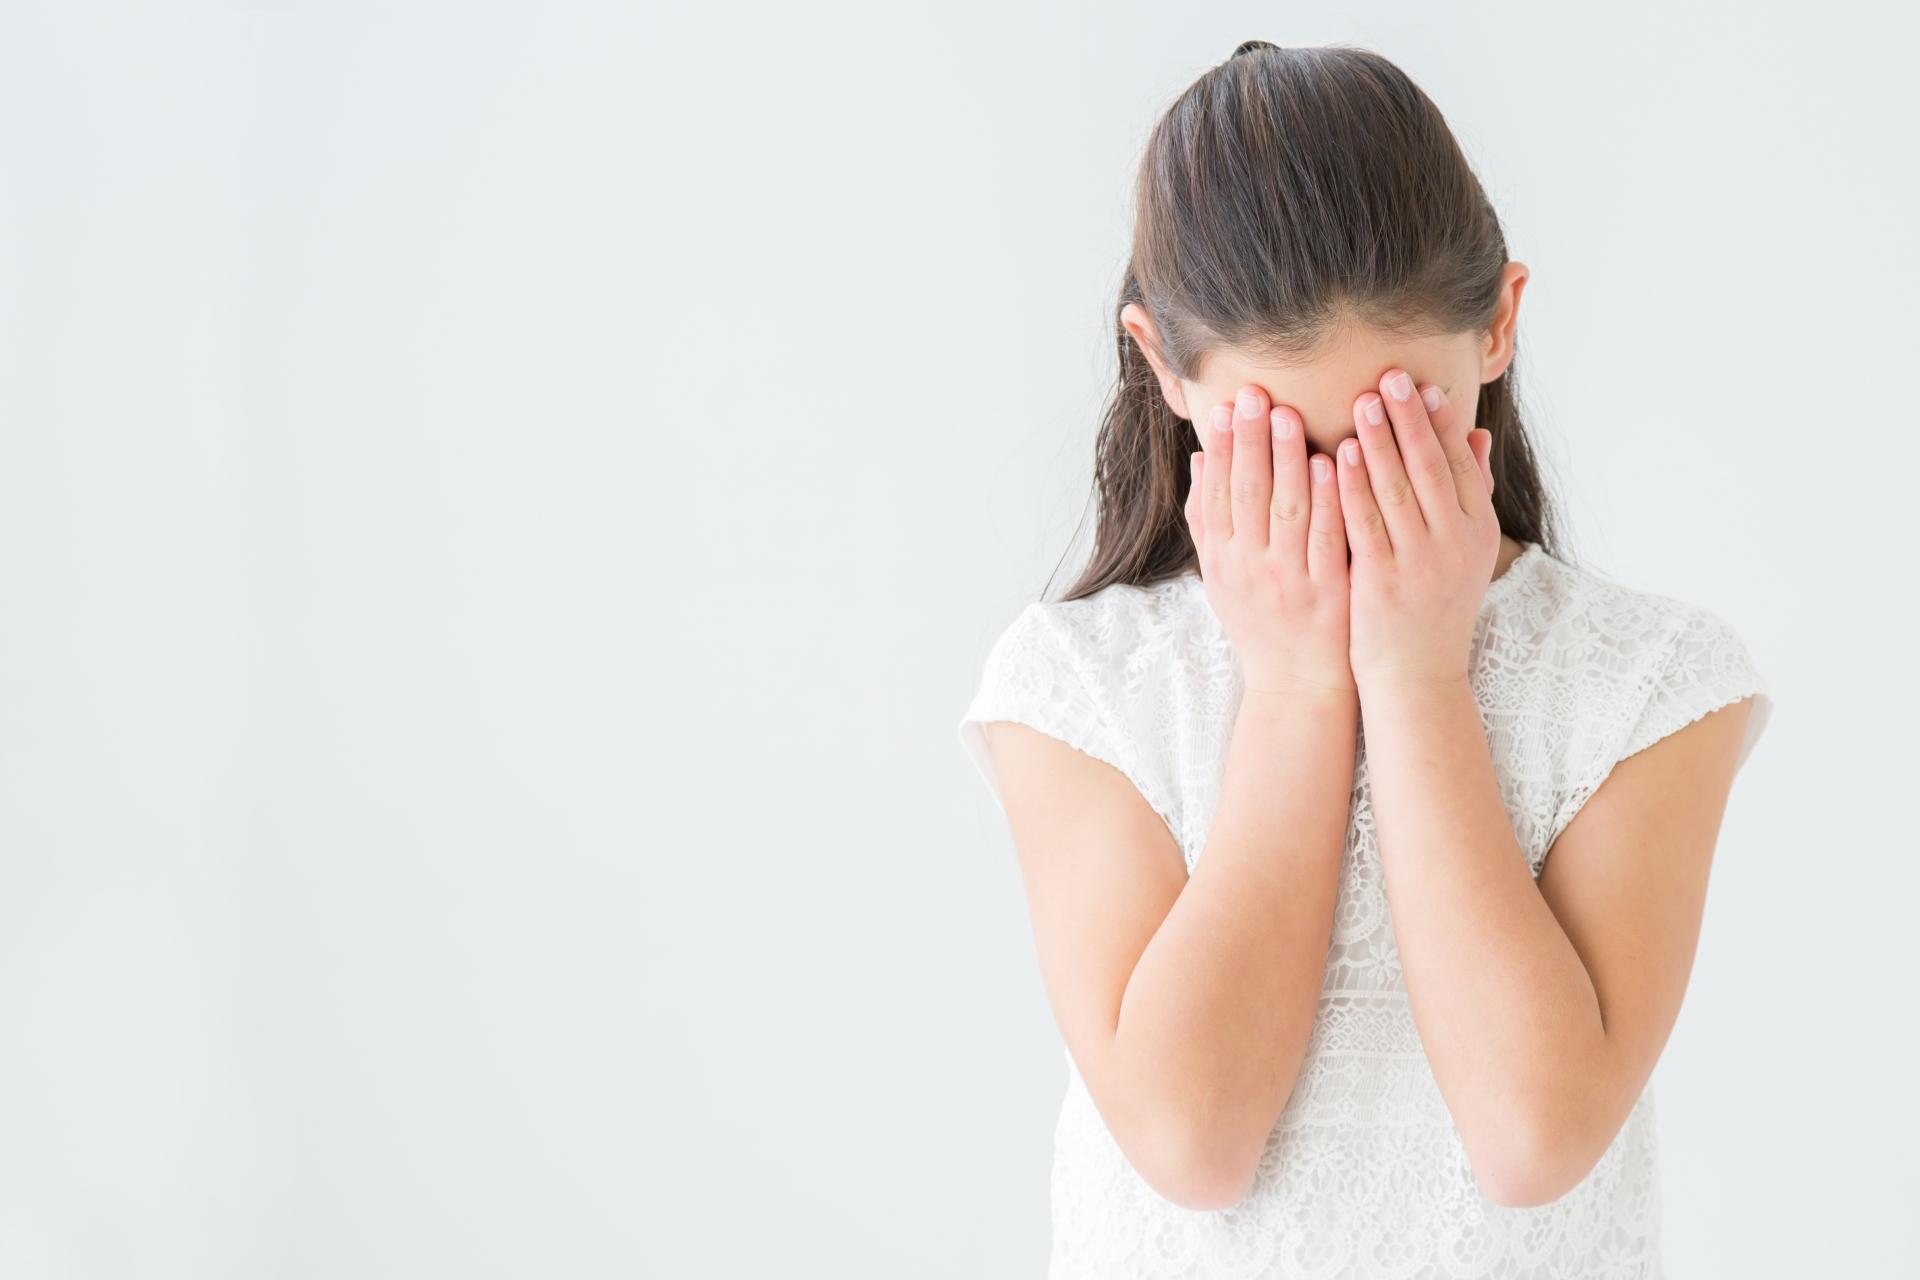 【婚活向きじゃない理由】マッチングアプリでの婚活は成婚率が低すぎる闇!